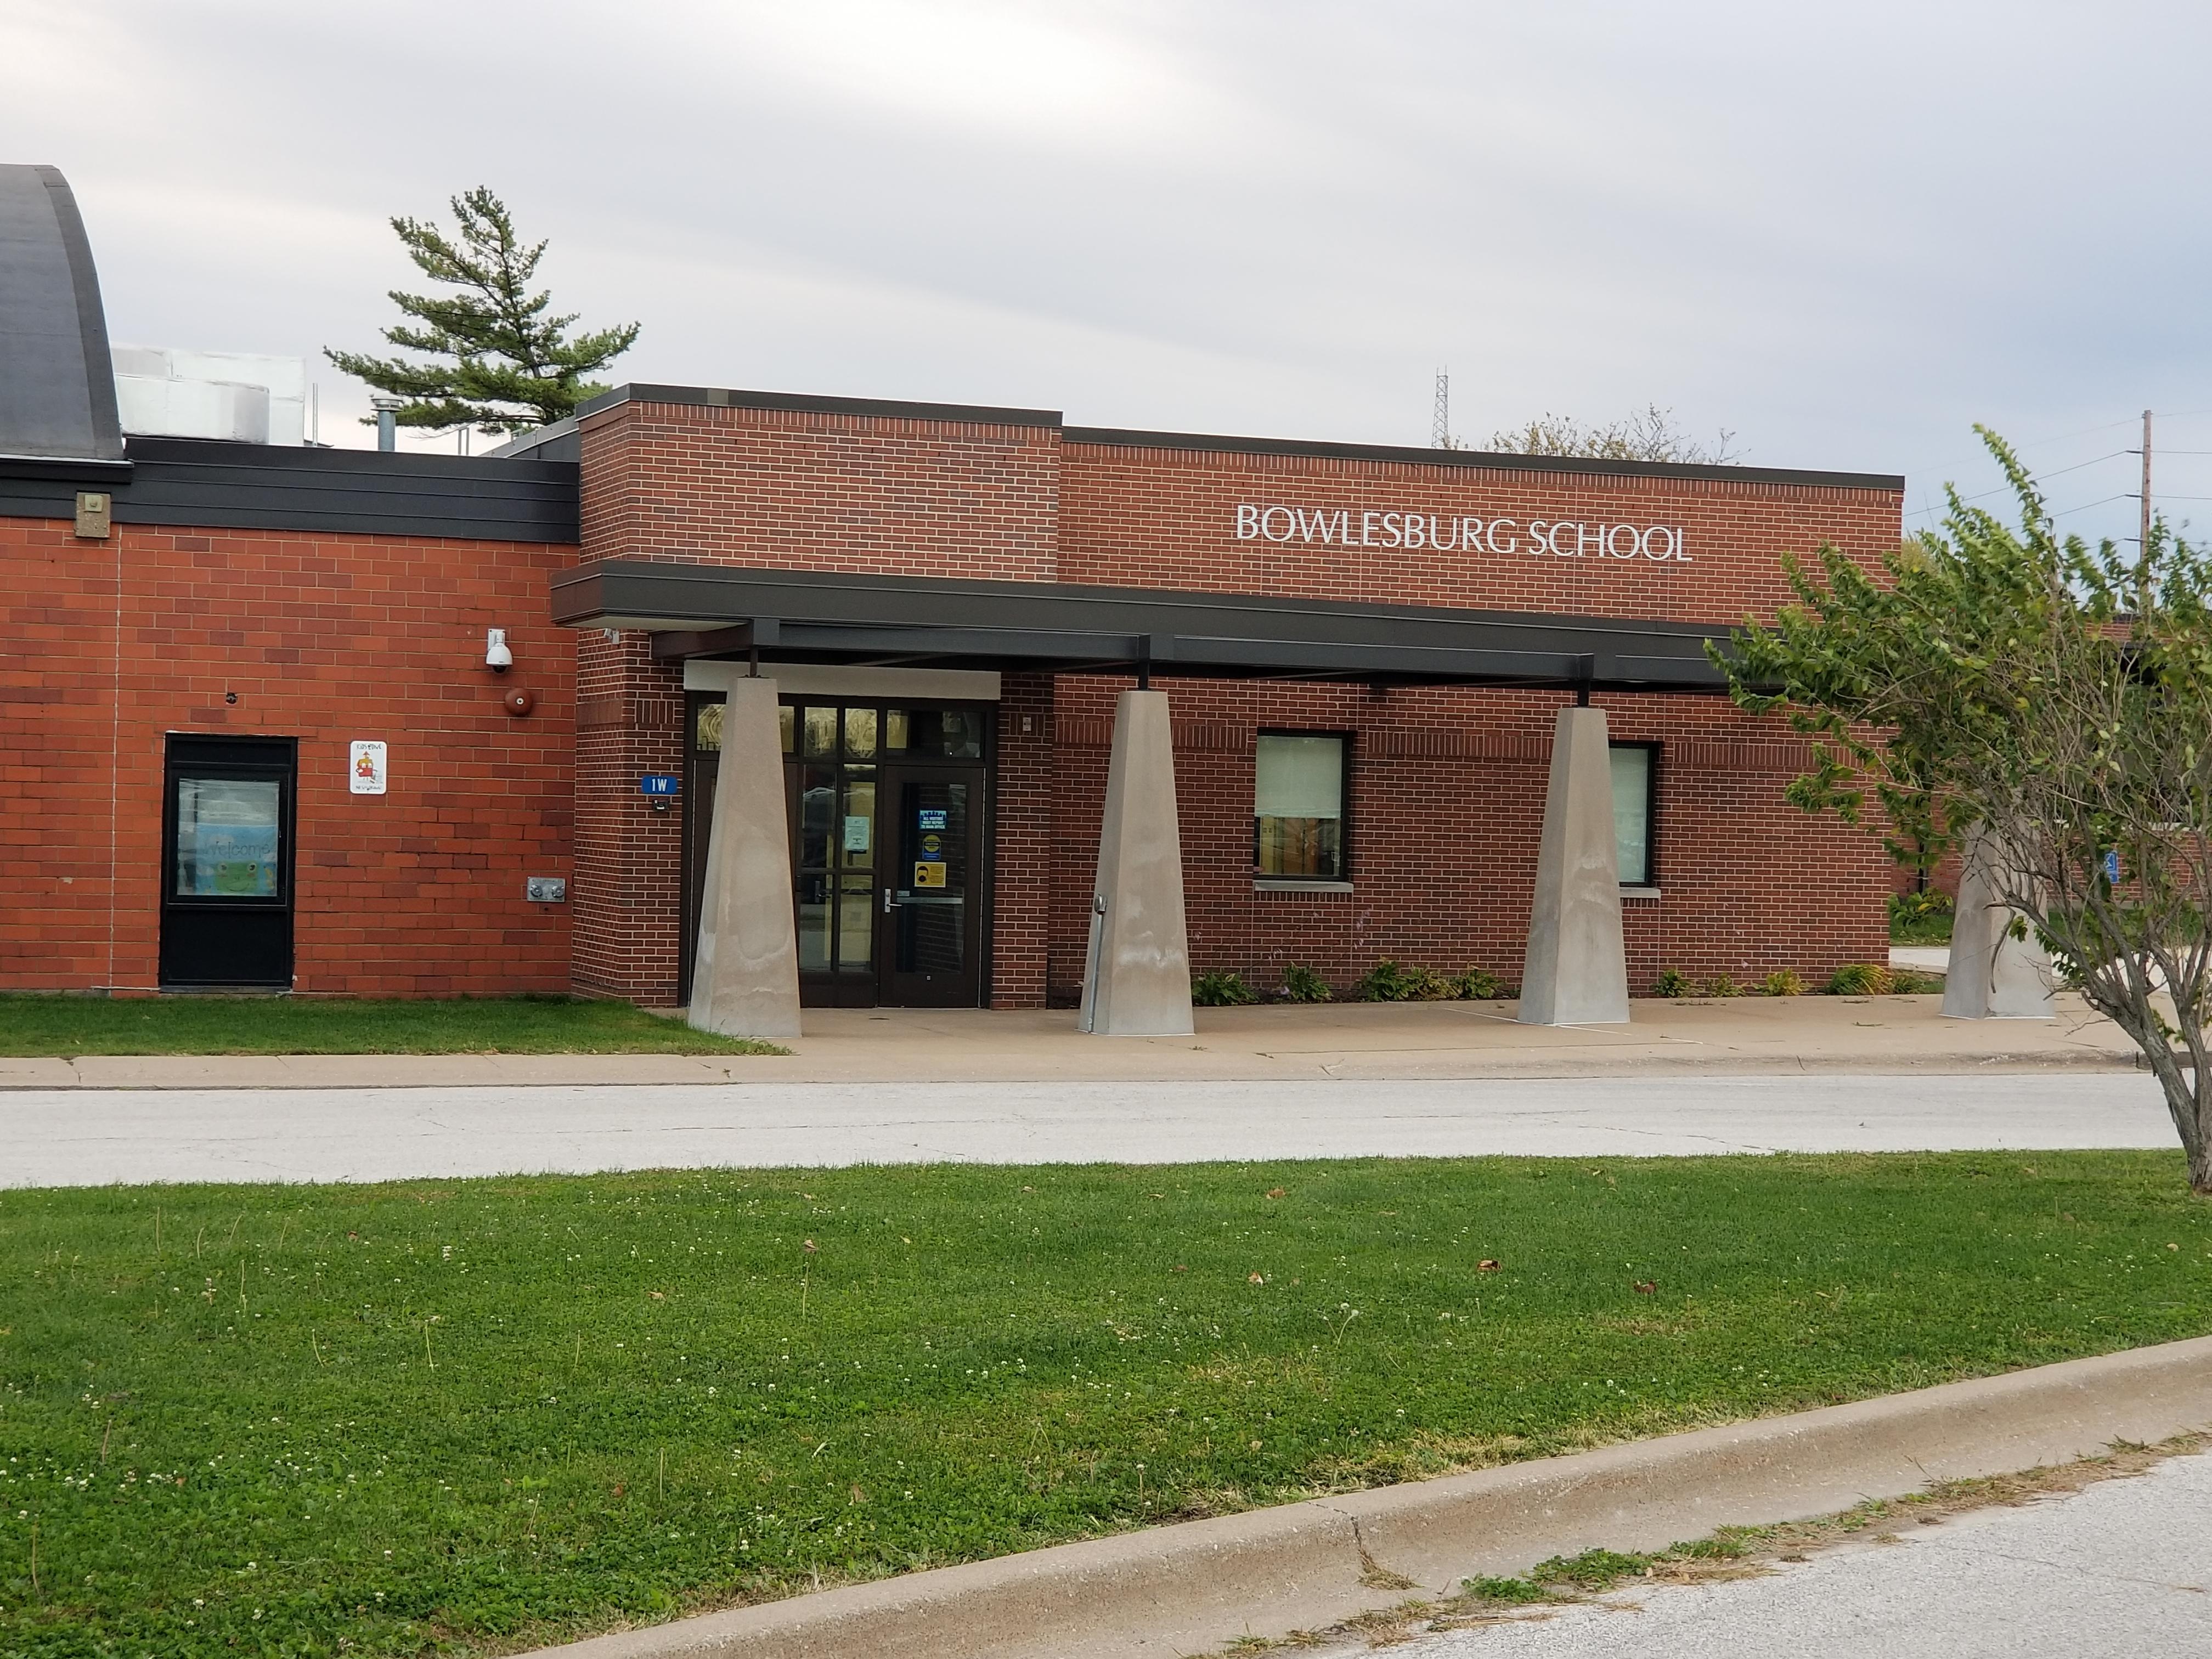 Bowlesburg Main Entrance